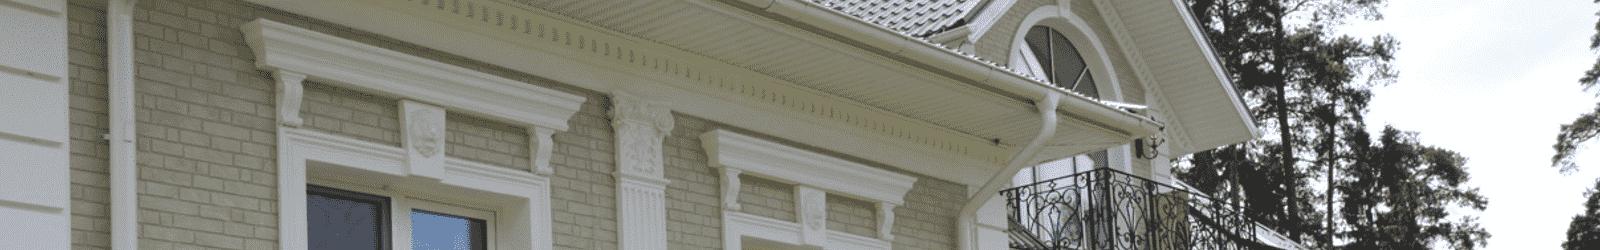 dekorativnye-elementy-dly-fasada